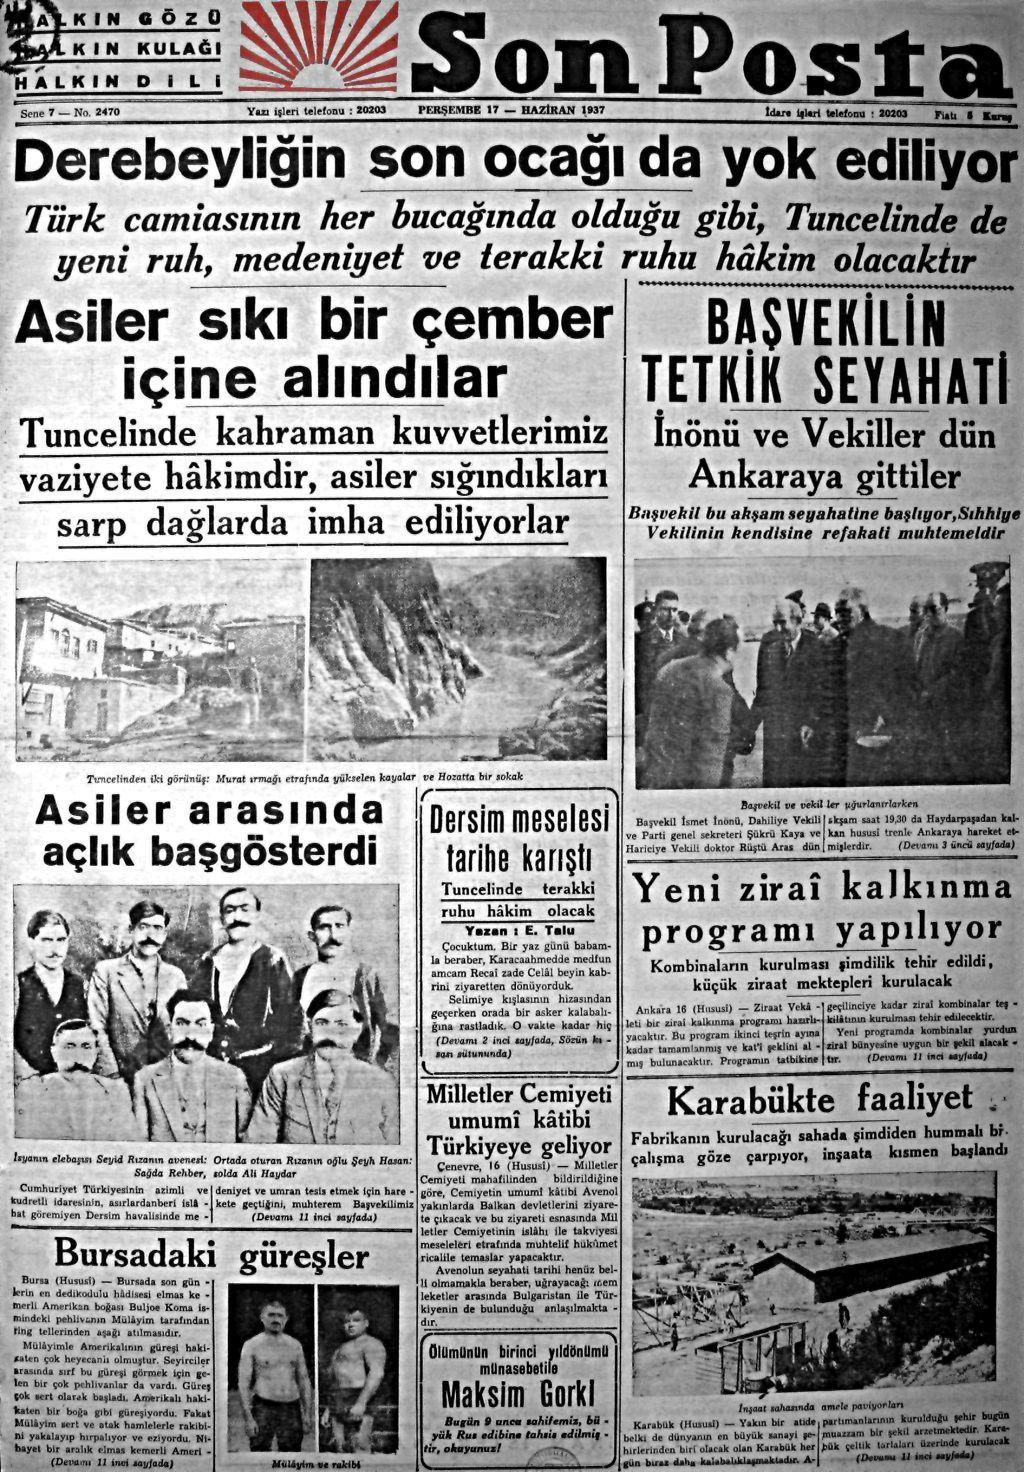 Son Posta gazetesi'nin 17 Haziran 1937 Perşembe tarihli sayısı